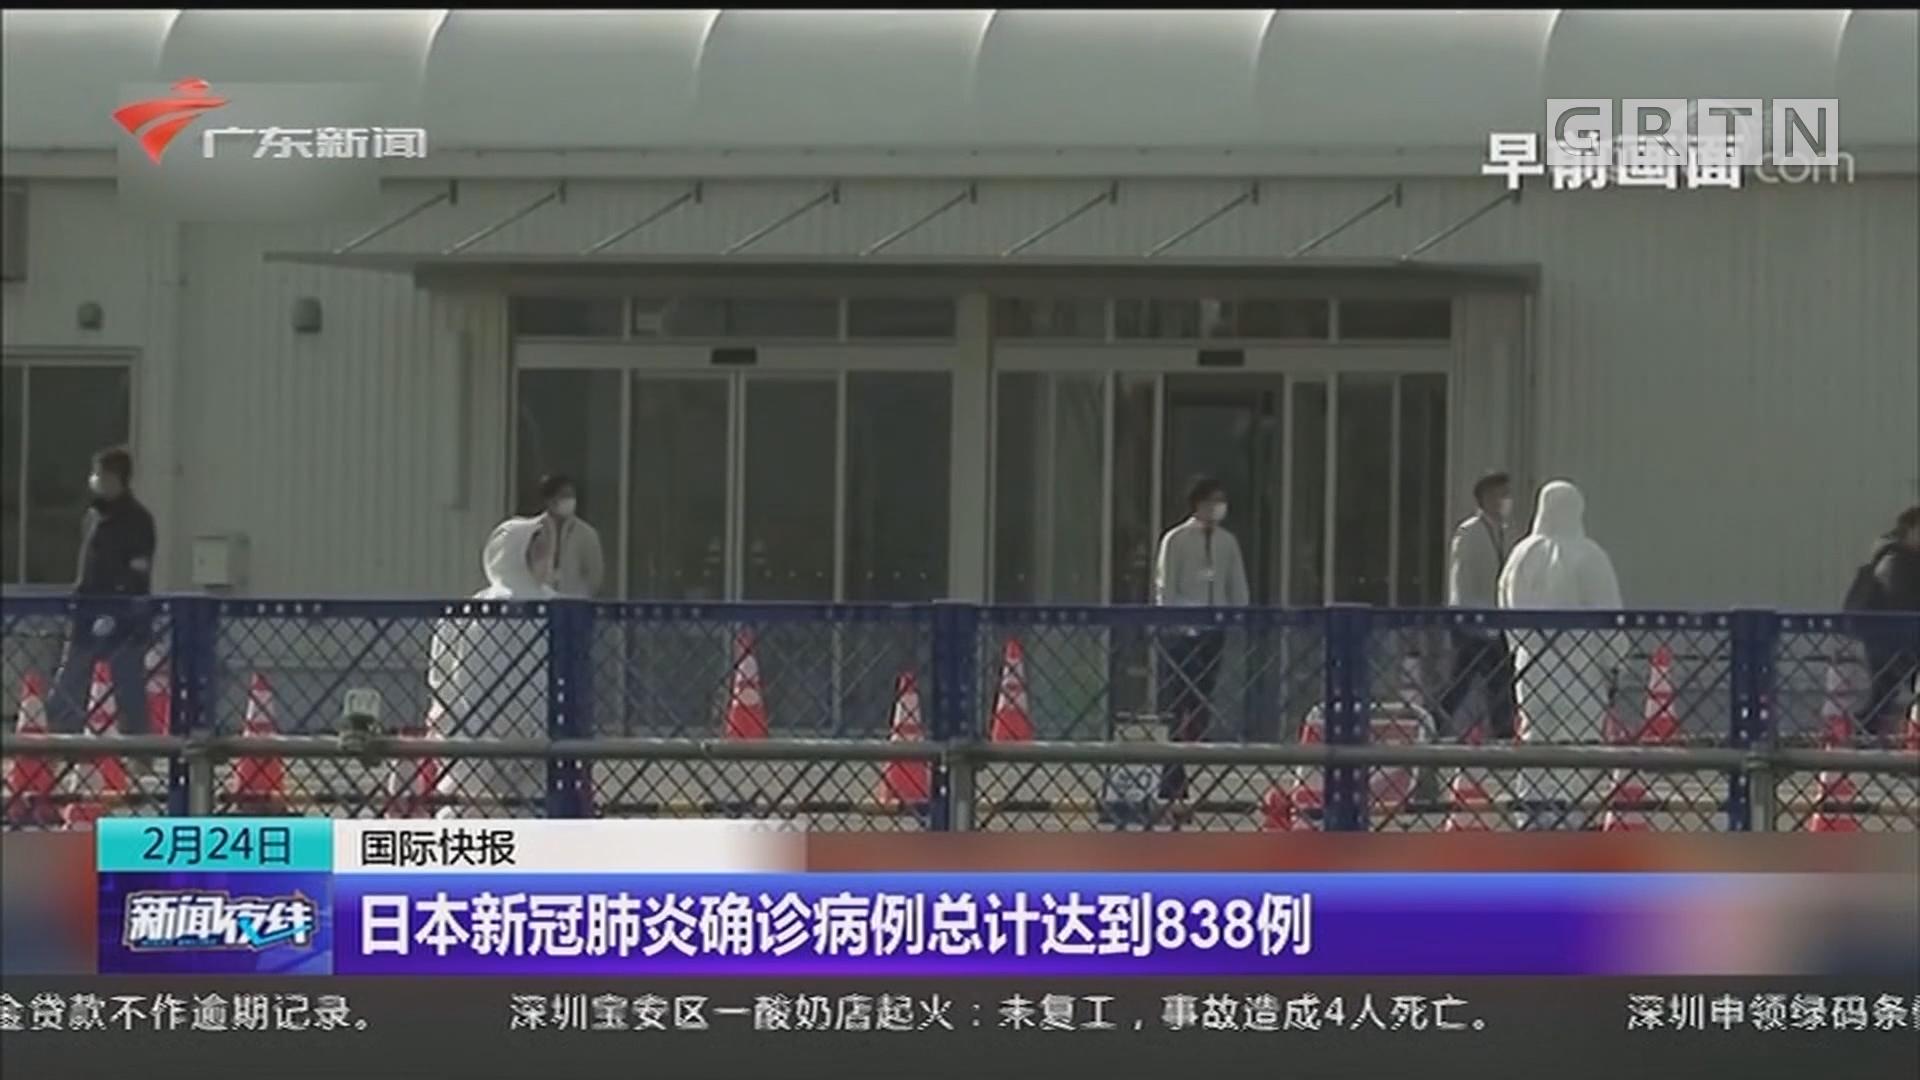 日本新冠肺炎确诊病例总计达到838例